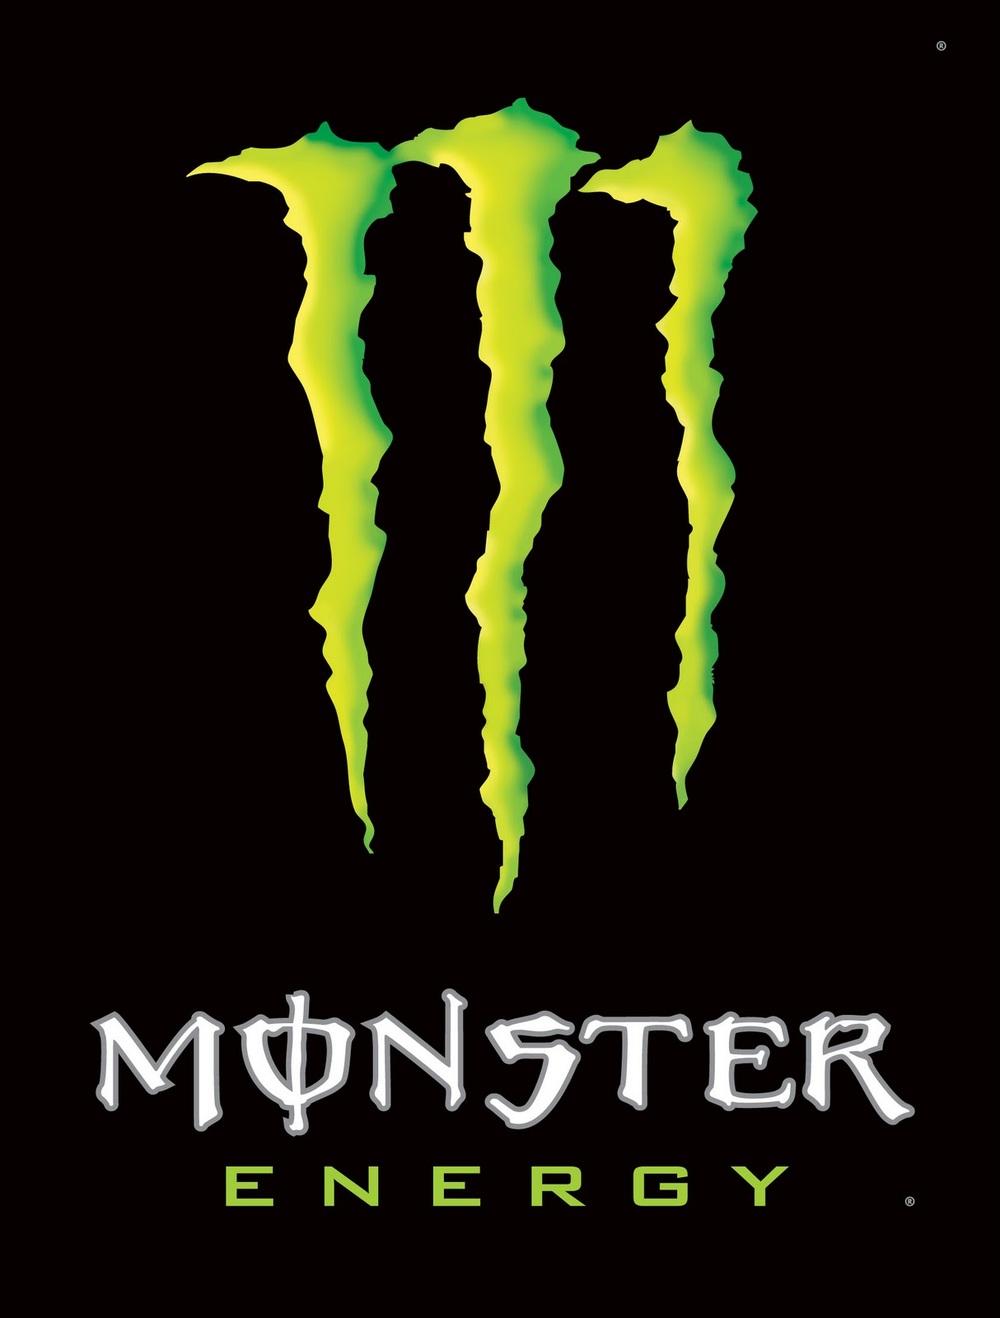 monsterenergydrink.jpg